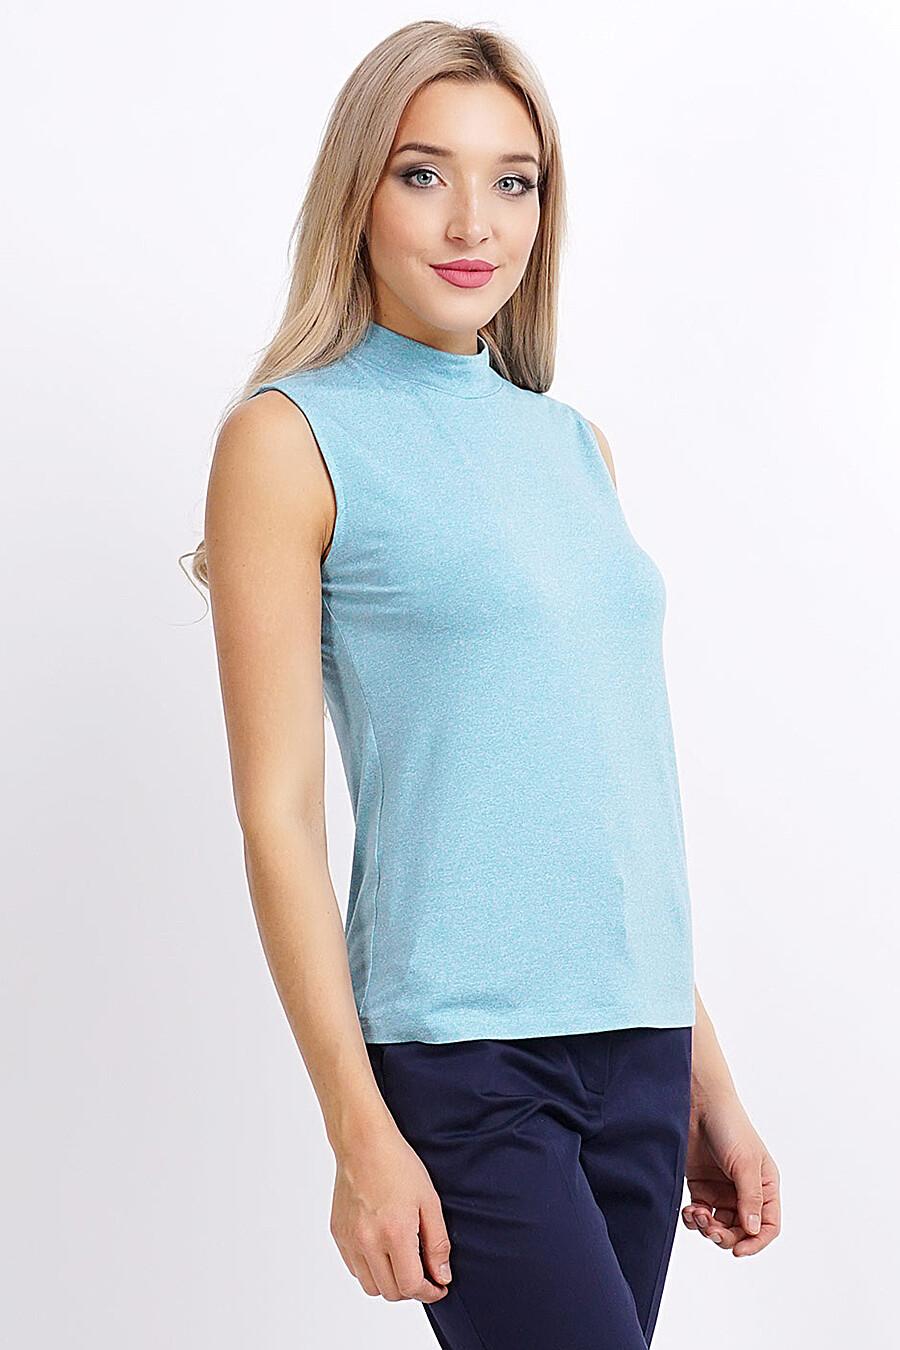 Топ для женщин CLEVER 155182 купить оптом от производителя. Совместная покупка женской одежды в OptMoyo